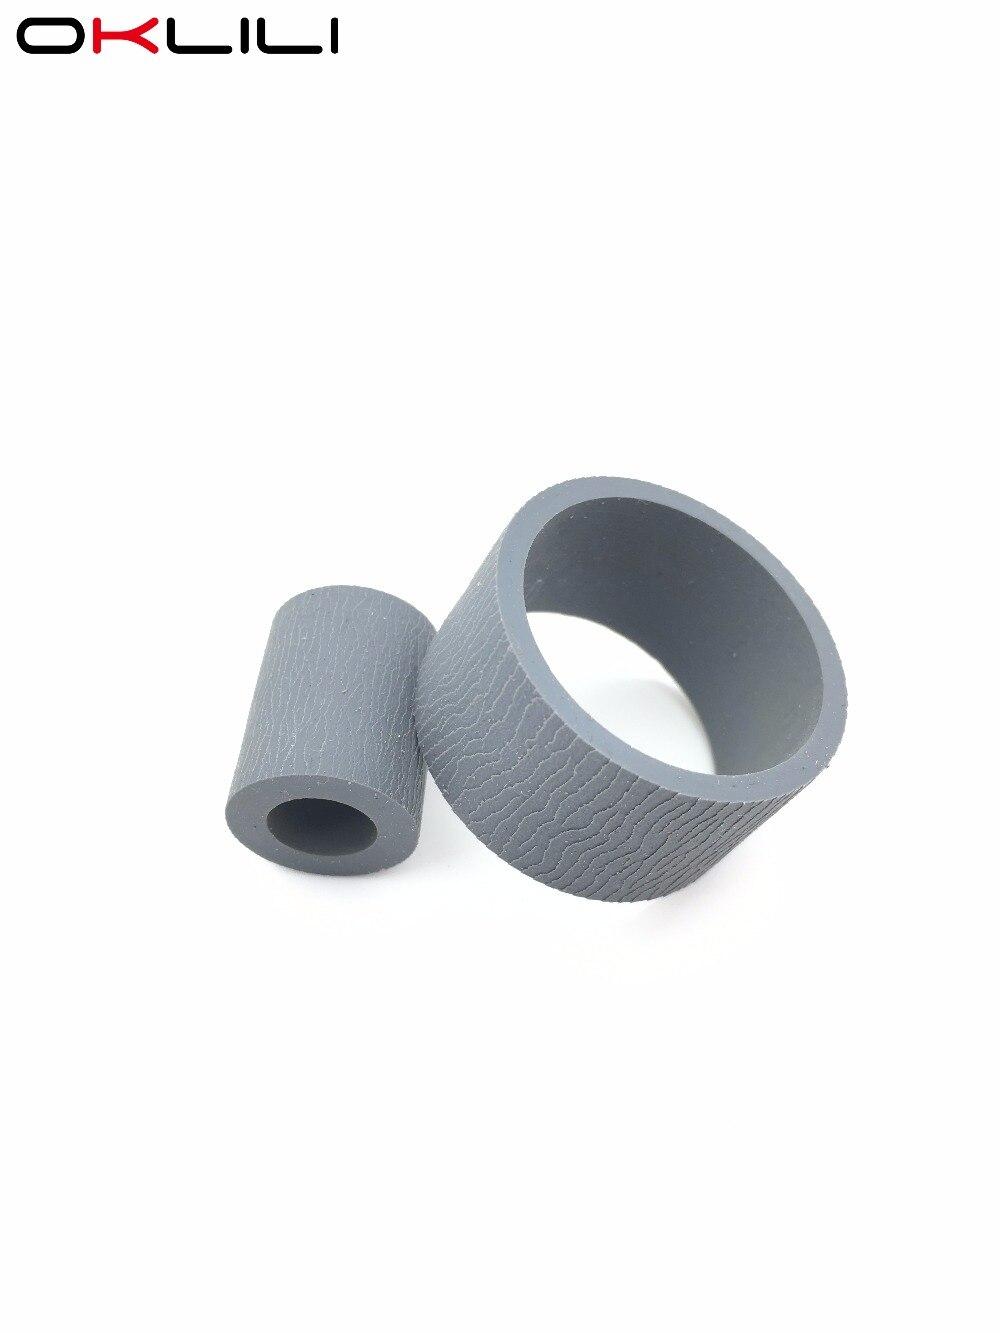 1X RETARD SUB PICK ASSY Feed Pickup Roller for Epson ME10 L110 L111 L120 L130 L210 L220 L211 L300 L301 L303 L310 L350 L351 L353 чернила cactus cs ept6643 250 для epson l100 l110 l120 l132 l200 l210 l222 l300 l312 l350 l355 l362